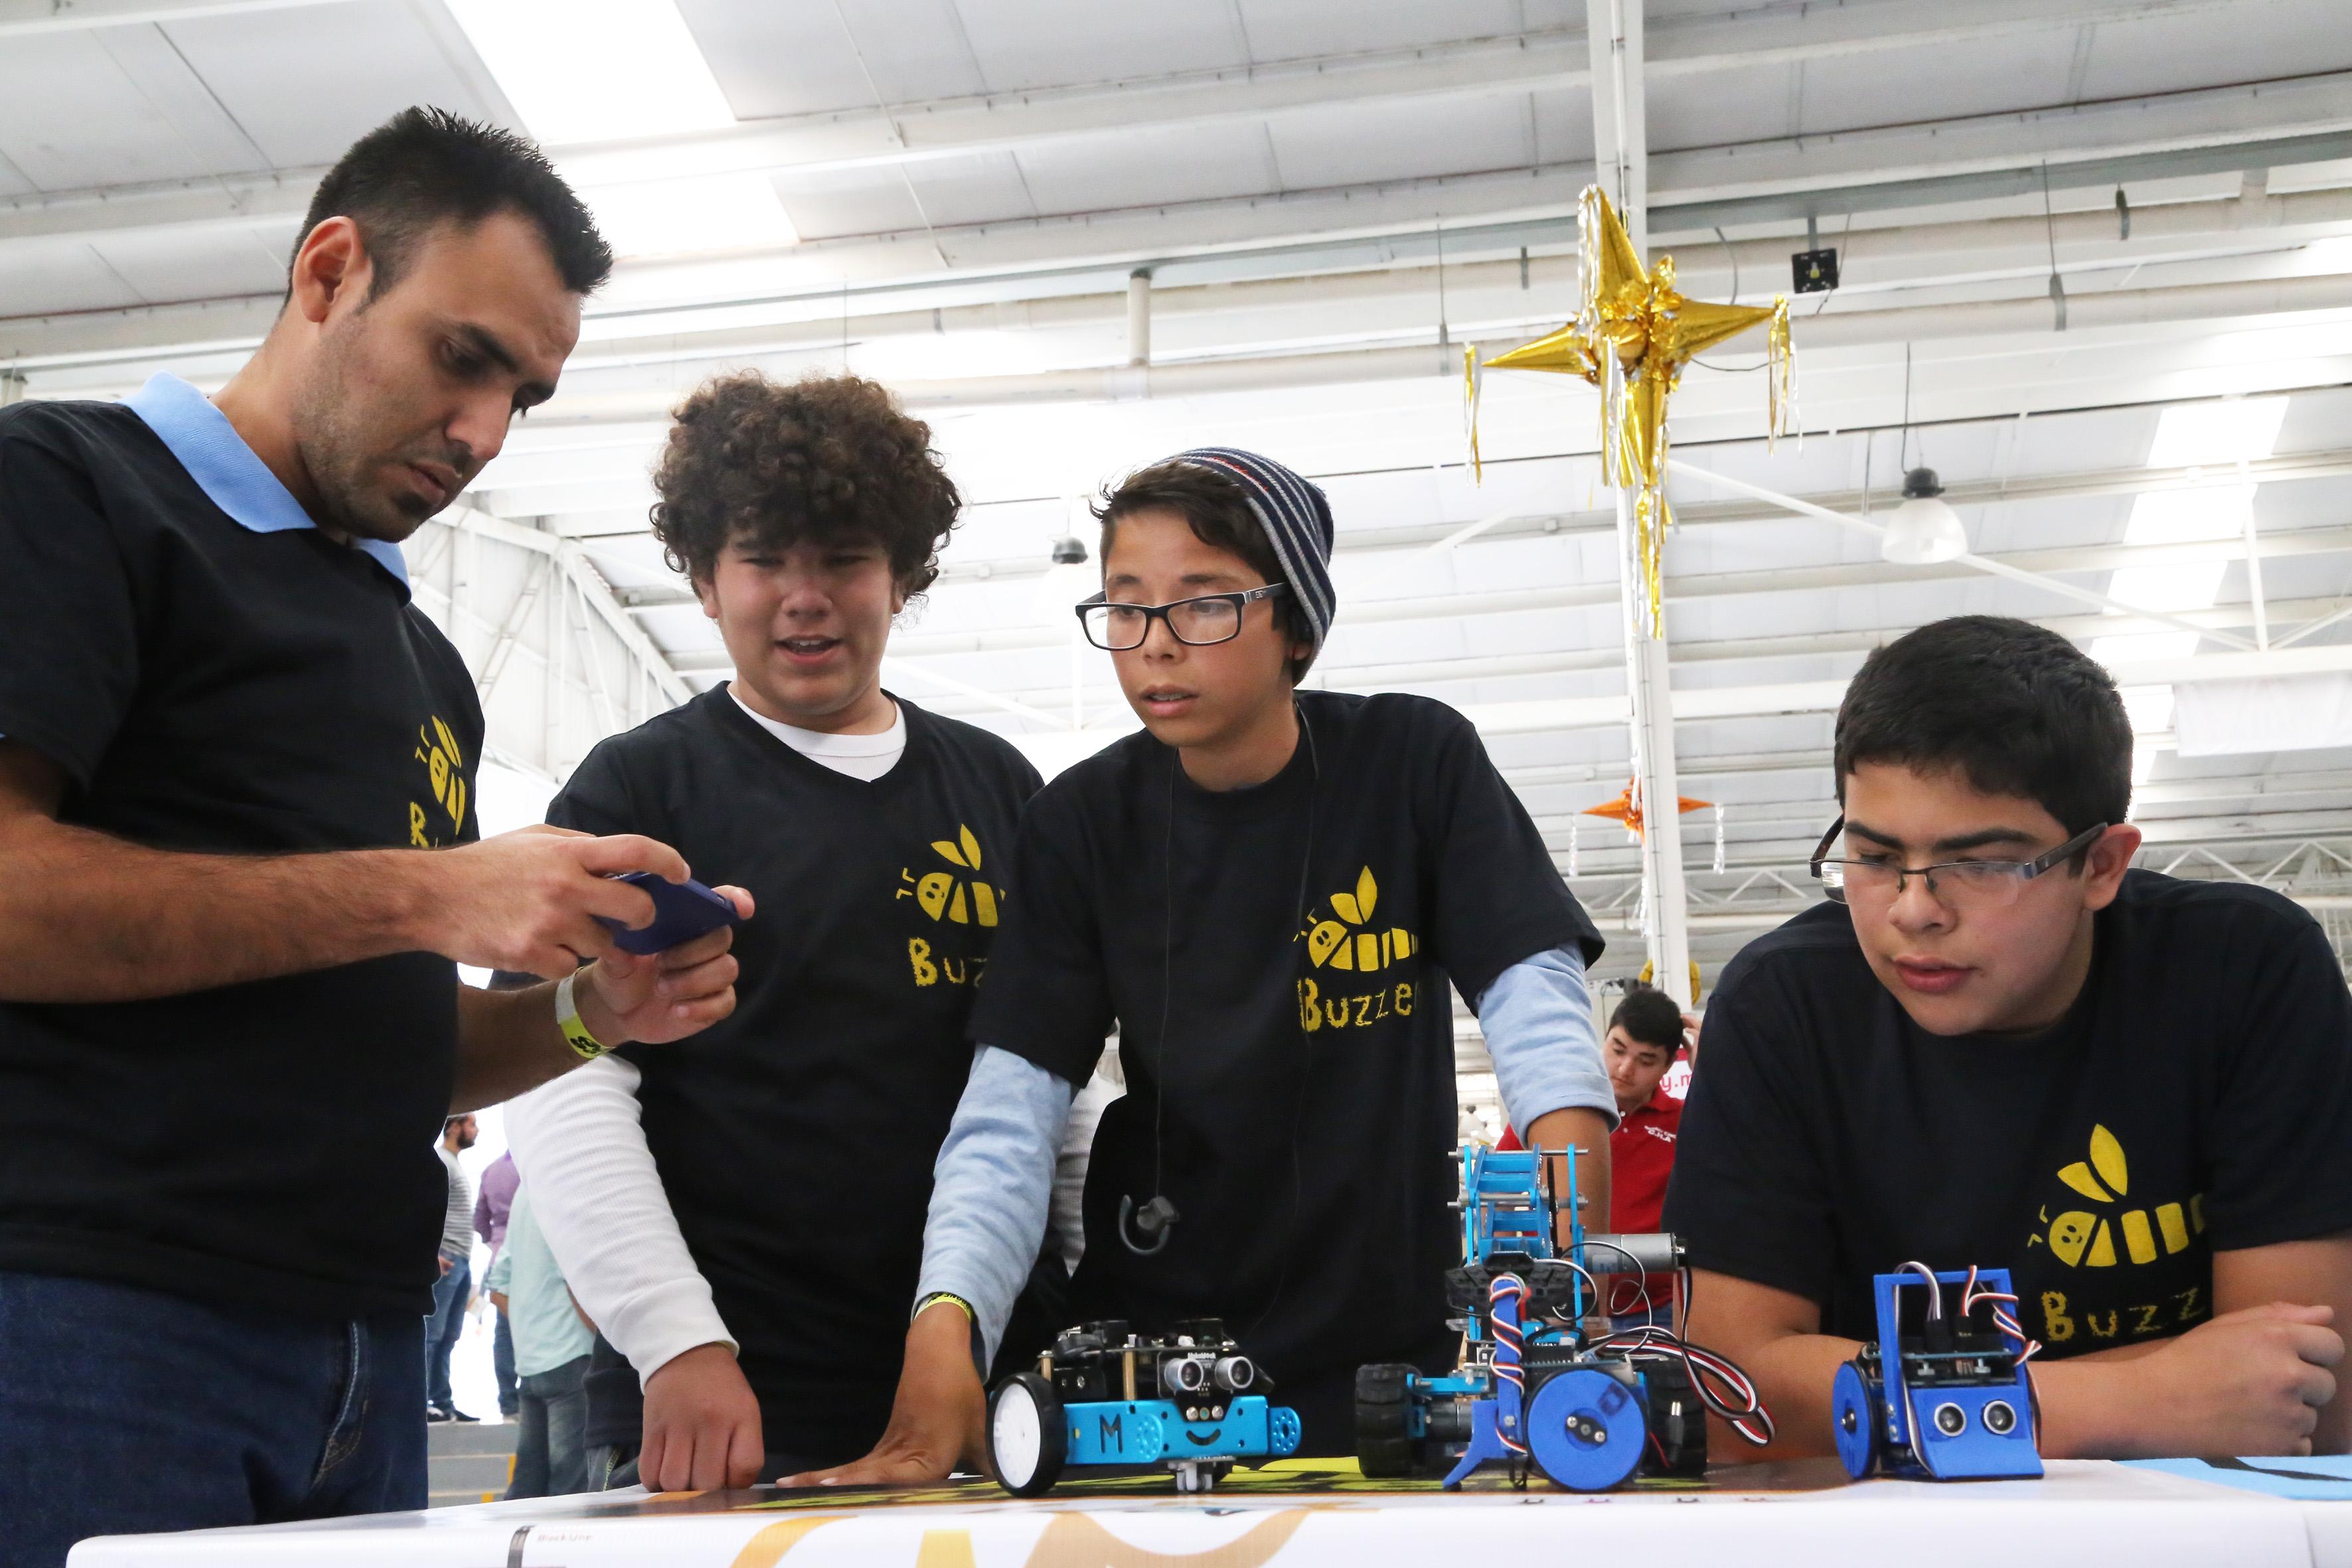 Equipo de estudiantes con su respectivos drones, tratando de impulsarlos con un dispositivo de control remoto.